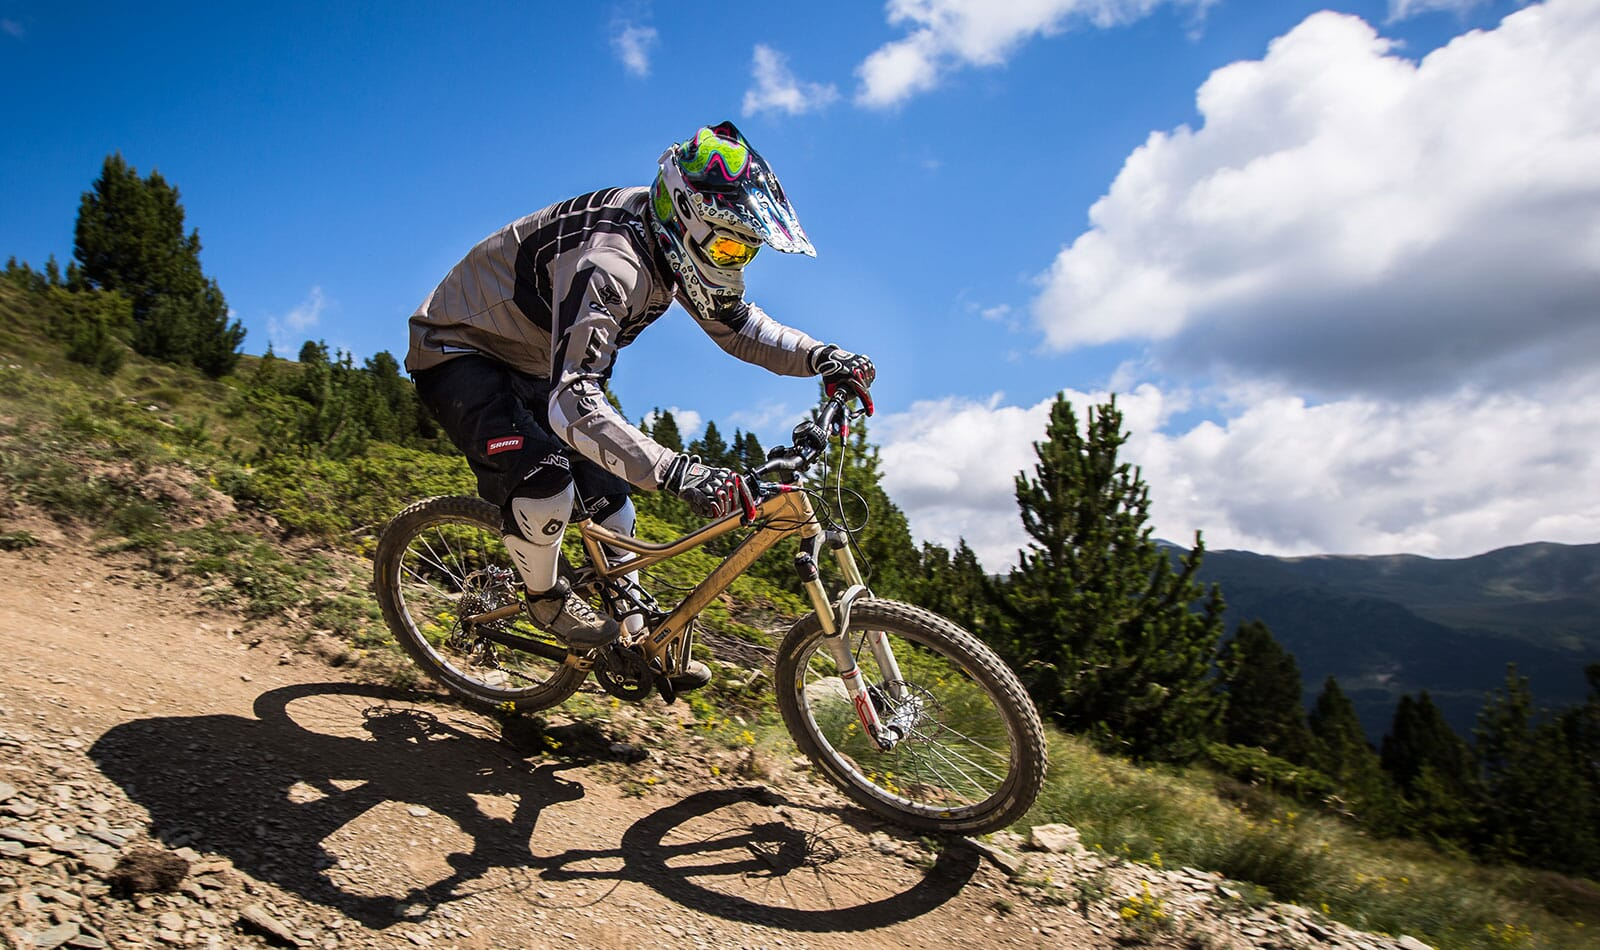 Manuel Bustelo Moutain Biking in Andorra